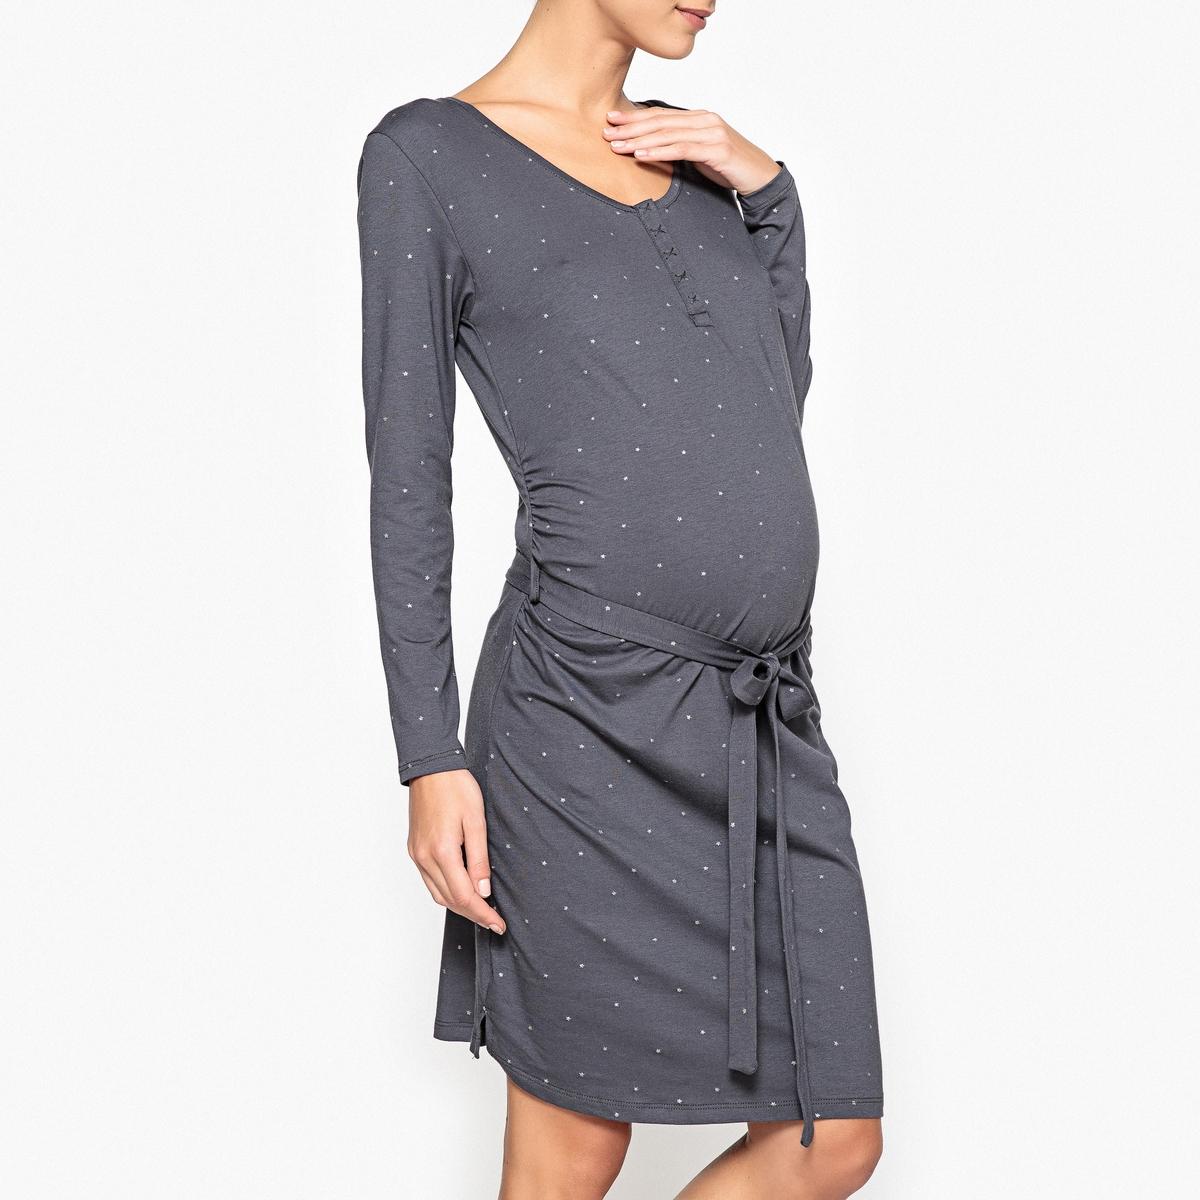 Рубашка ночная для периода беременностиНочная рубашка, разработанная специально для периода беременности, с рисунком в виде россыпи серебристых звезд ! Состав и описаниеНочная рубашка из джерси с рисунком в виде мелких серебристых звезд. Специально для периода беременности и грудного вскармливания. Планка застежки на кнопки облегчает кормление.Длинные рукава. Пояс с завязками под животом. Материал : 95% хлопка, 5% эластана.Уход :  Стирать при температуре 30° со схожими цветами.Стирать, сушить и гладить с изнаночной стороны.<br><br>Цвет: антрацит<br>Размер: 38/40 (FR) - 44/46 (RUS).42/44 (FR) - 48/50 (RUS).46/48 (FR) - 52/54 (RUS)